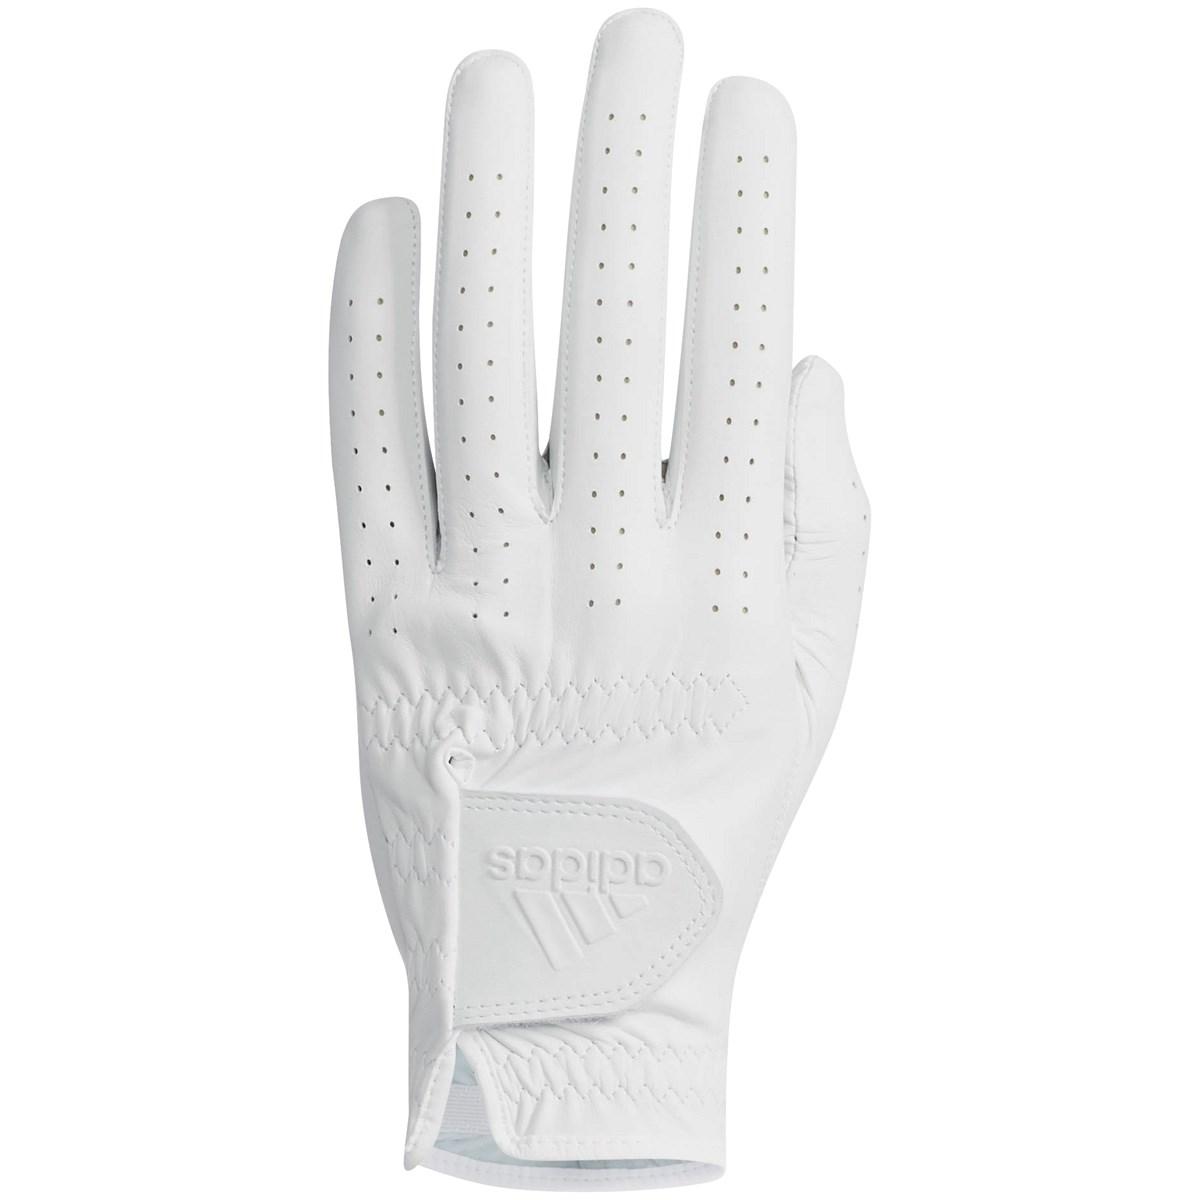 アディダス Adidas ULTIMATE Leather グローブ 26cm 左手着用(右利き用) ホワイト